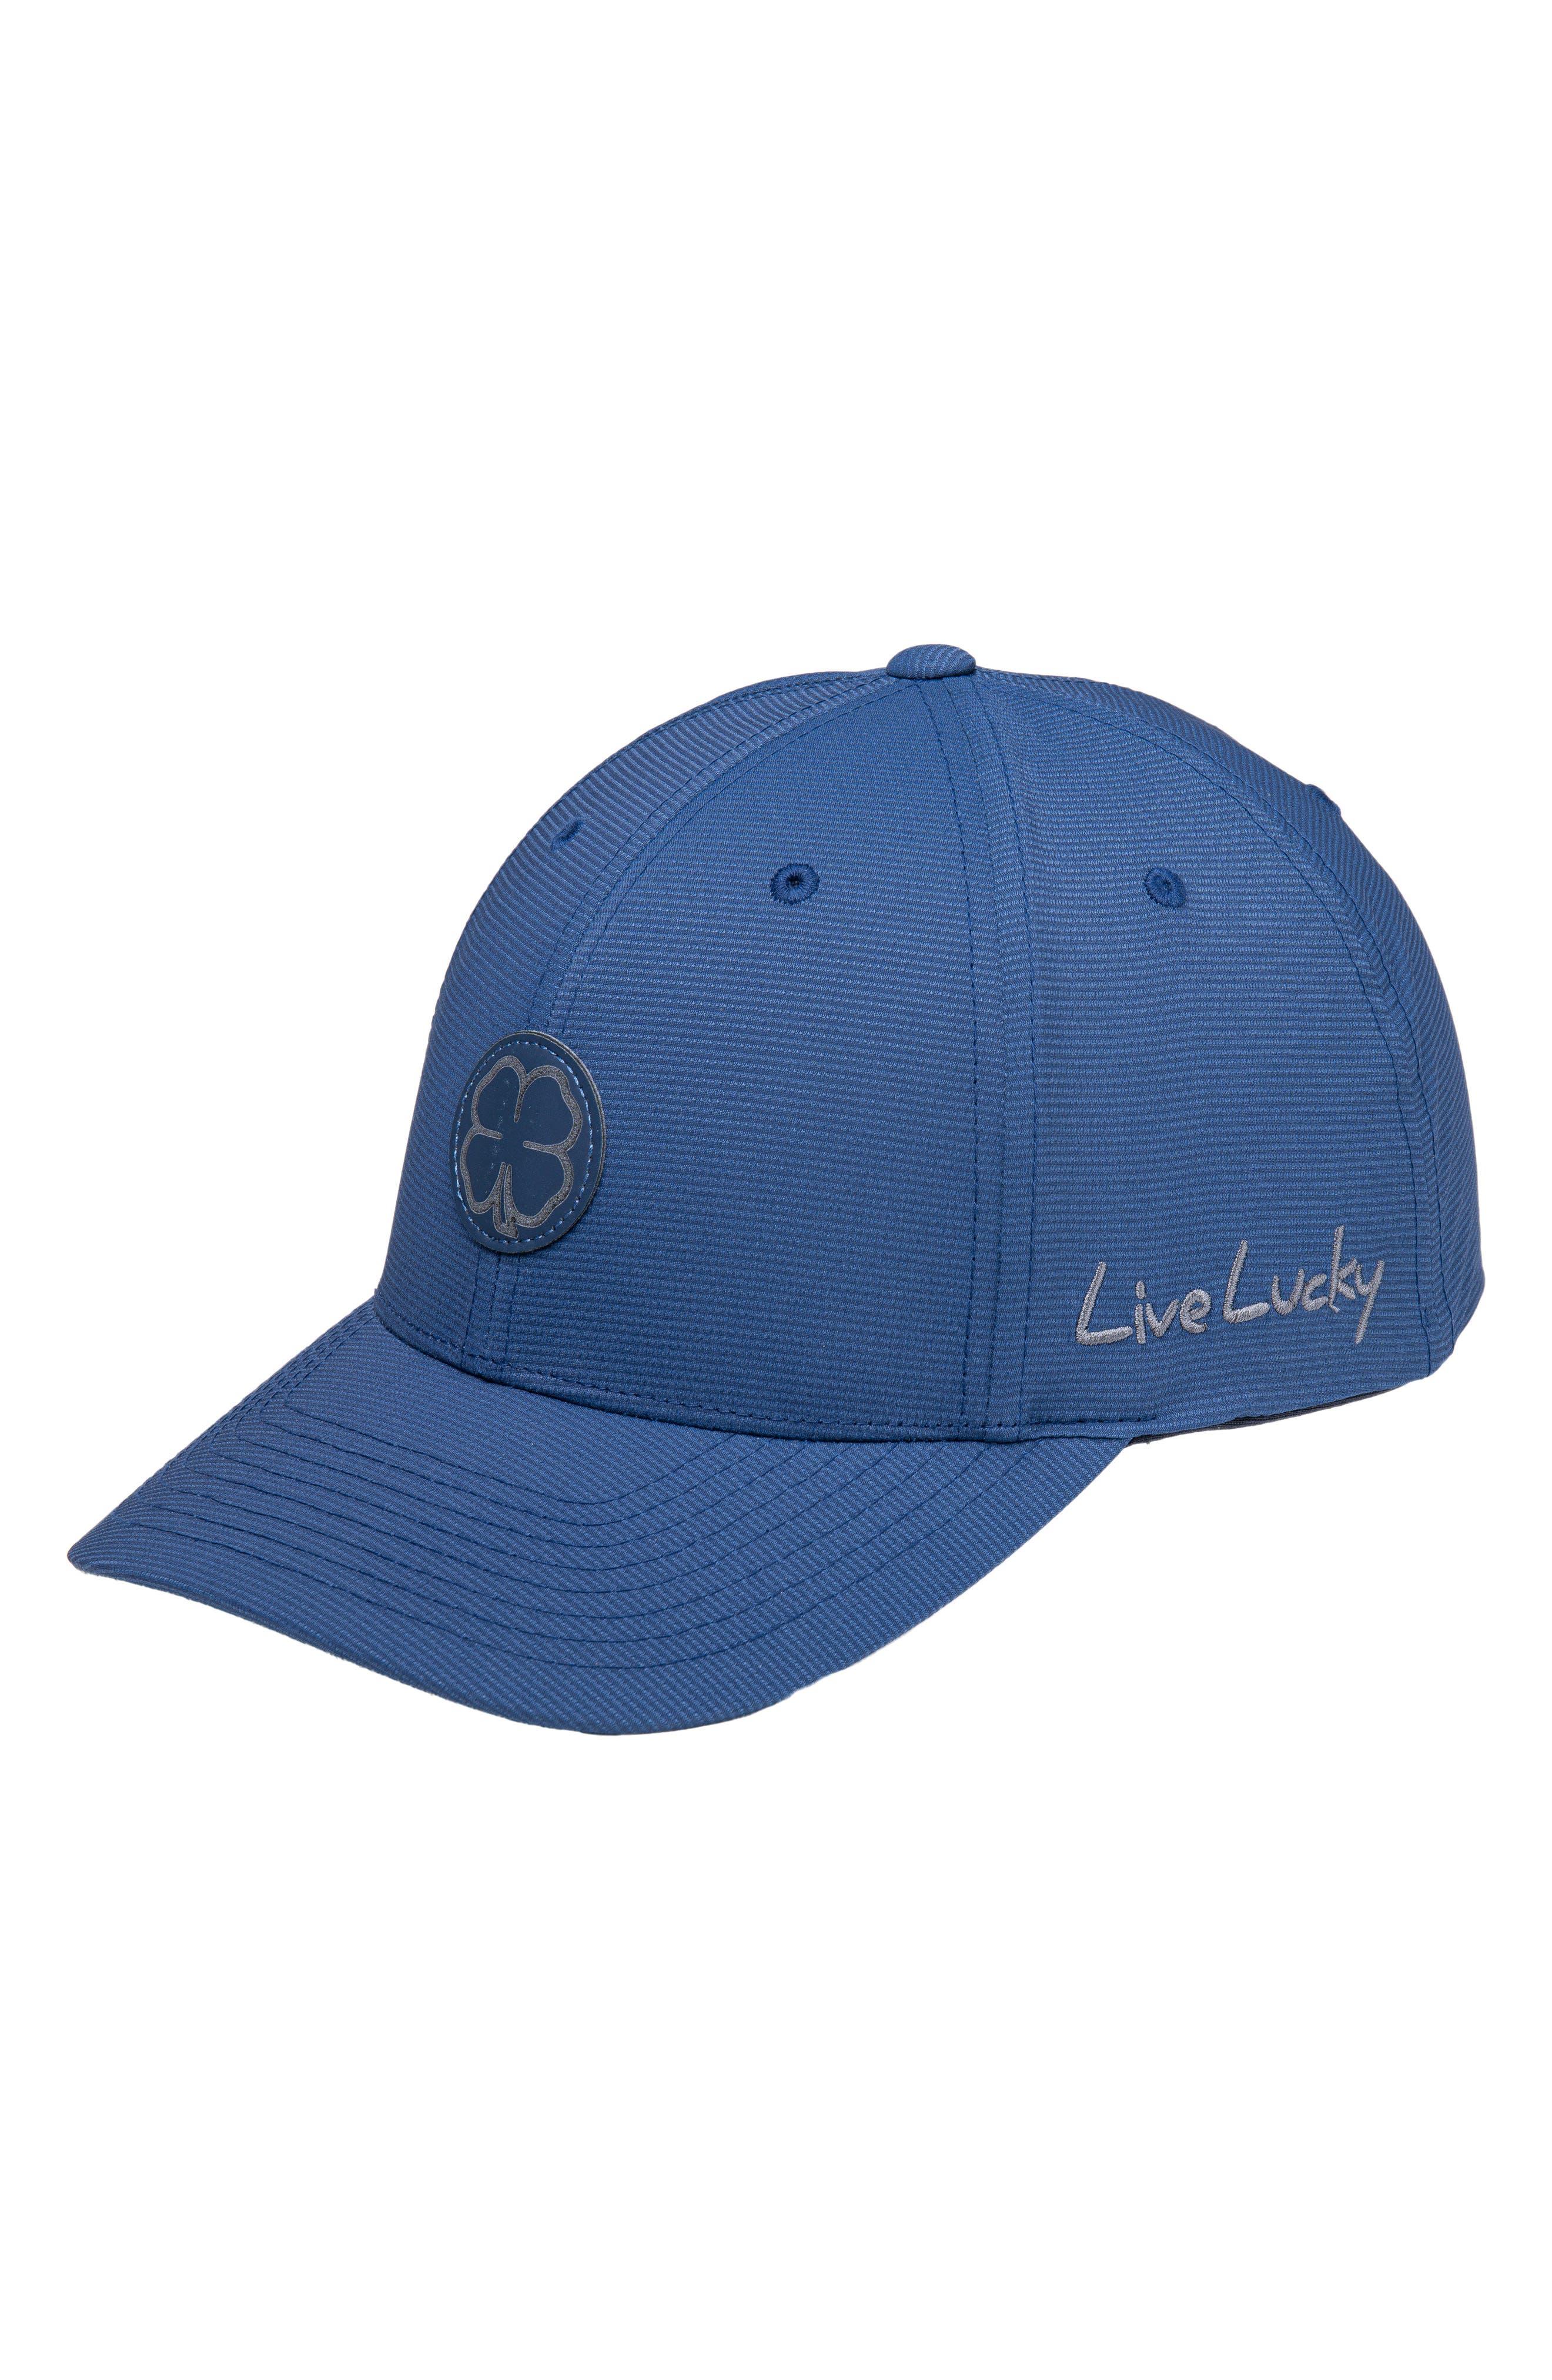 Sharp Luck 8 Baseball Cap